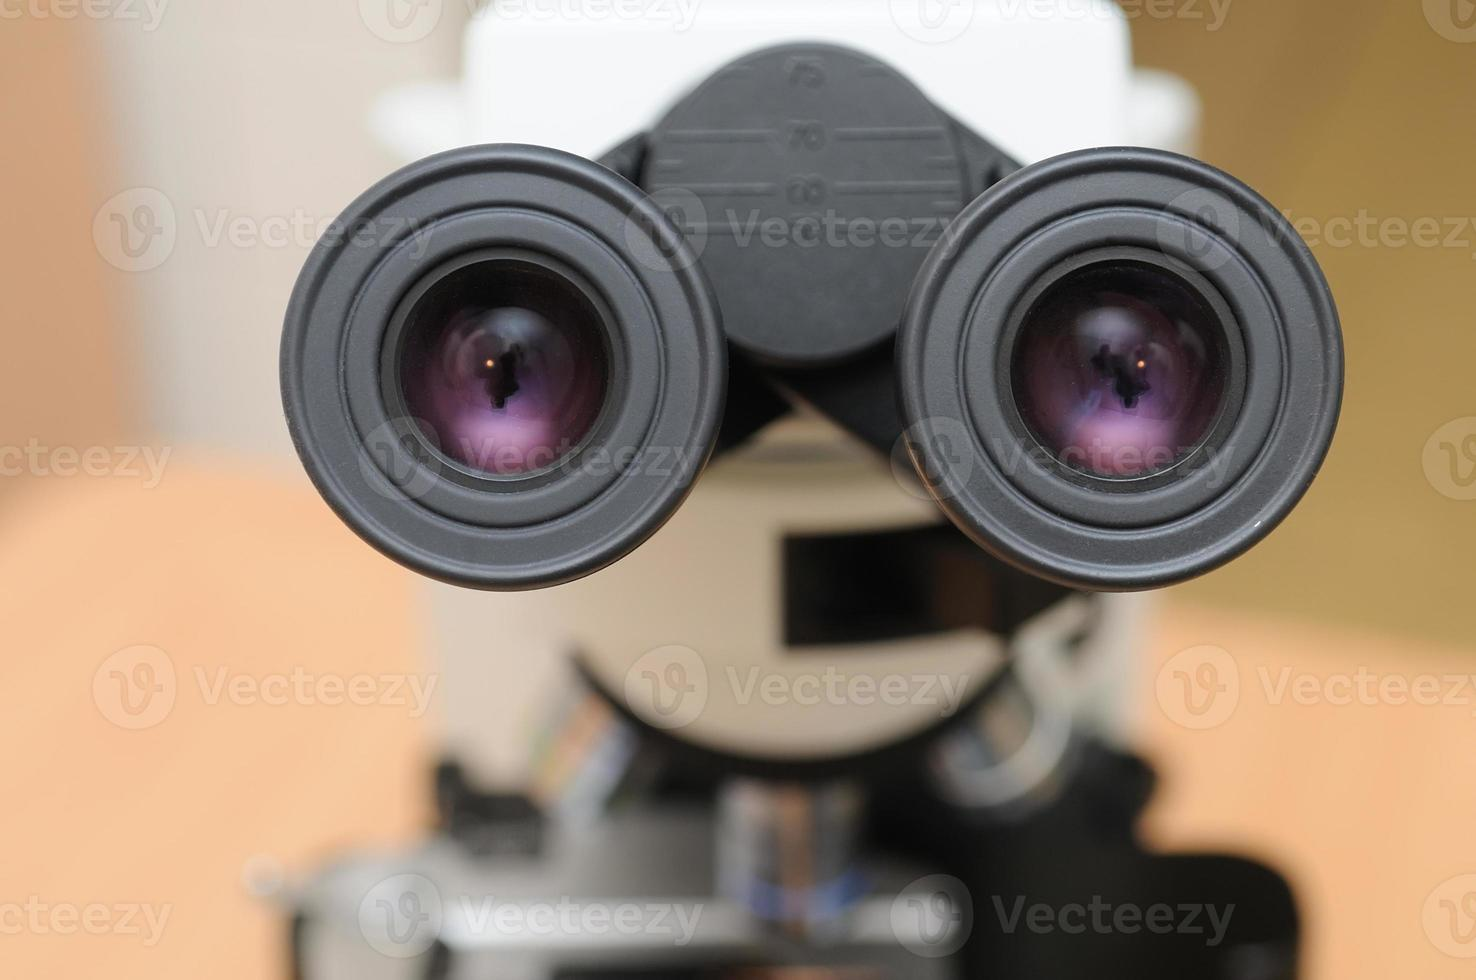 microscopio de medicina de primer plano foto